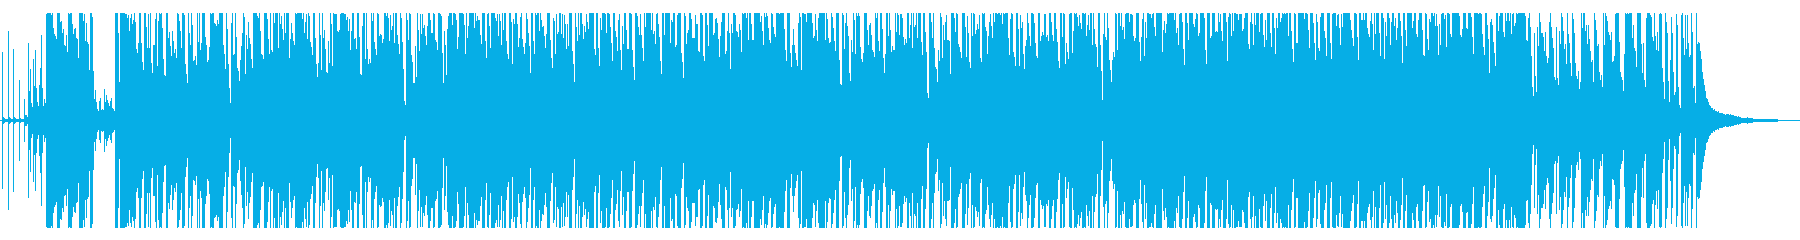 ジングルベルのジャズアレンジの再生済みの波形